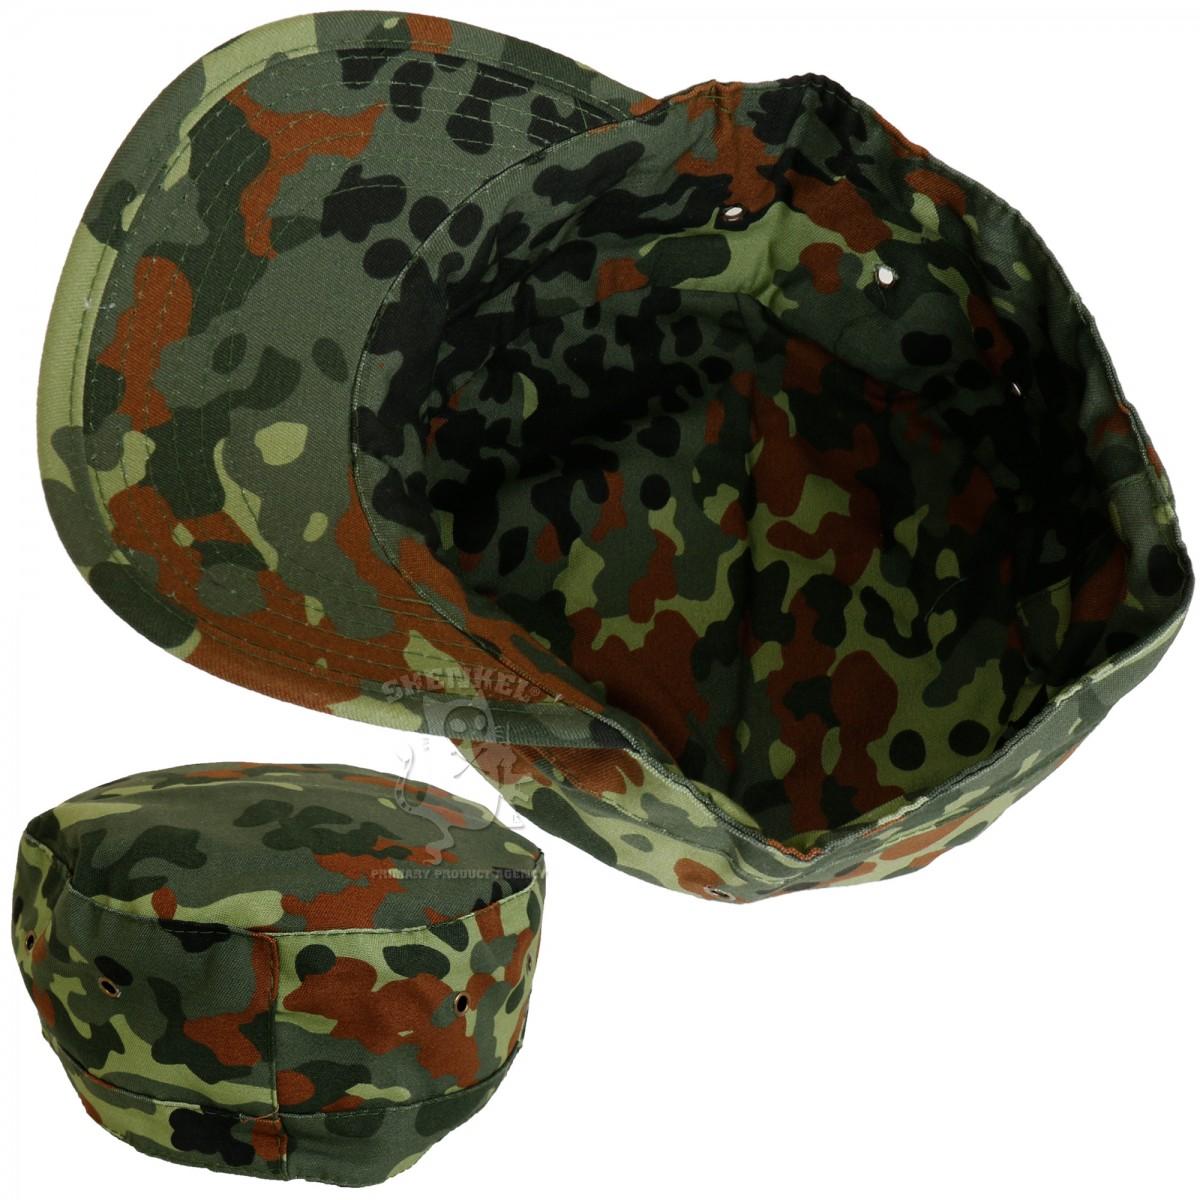 ミリタリーキャップ パトロールキャップ   フレクターカモ フリーサイズ 帽子